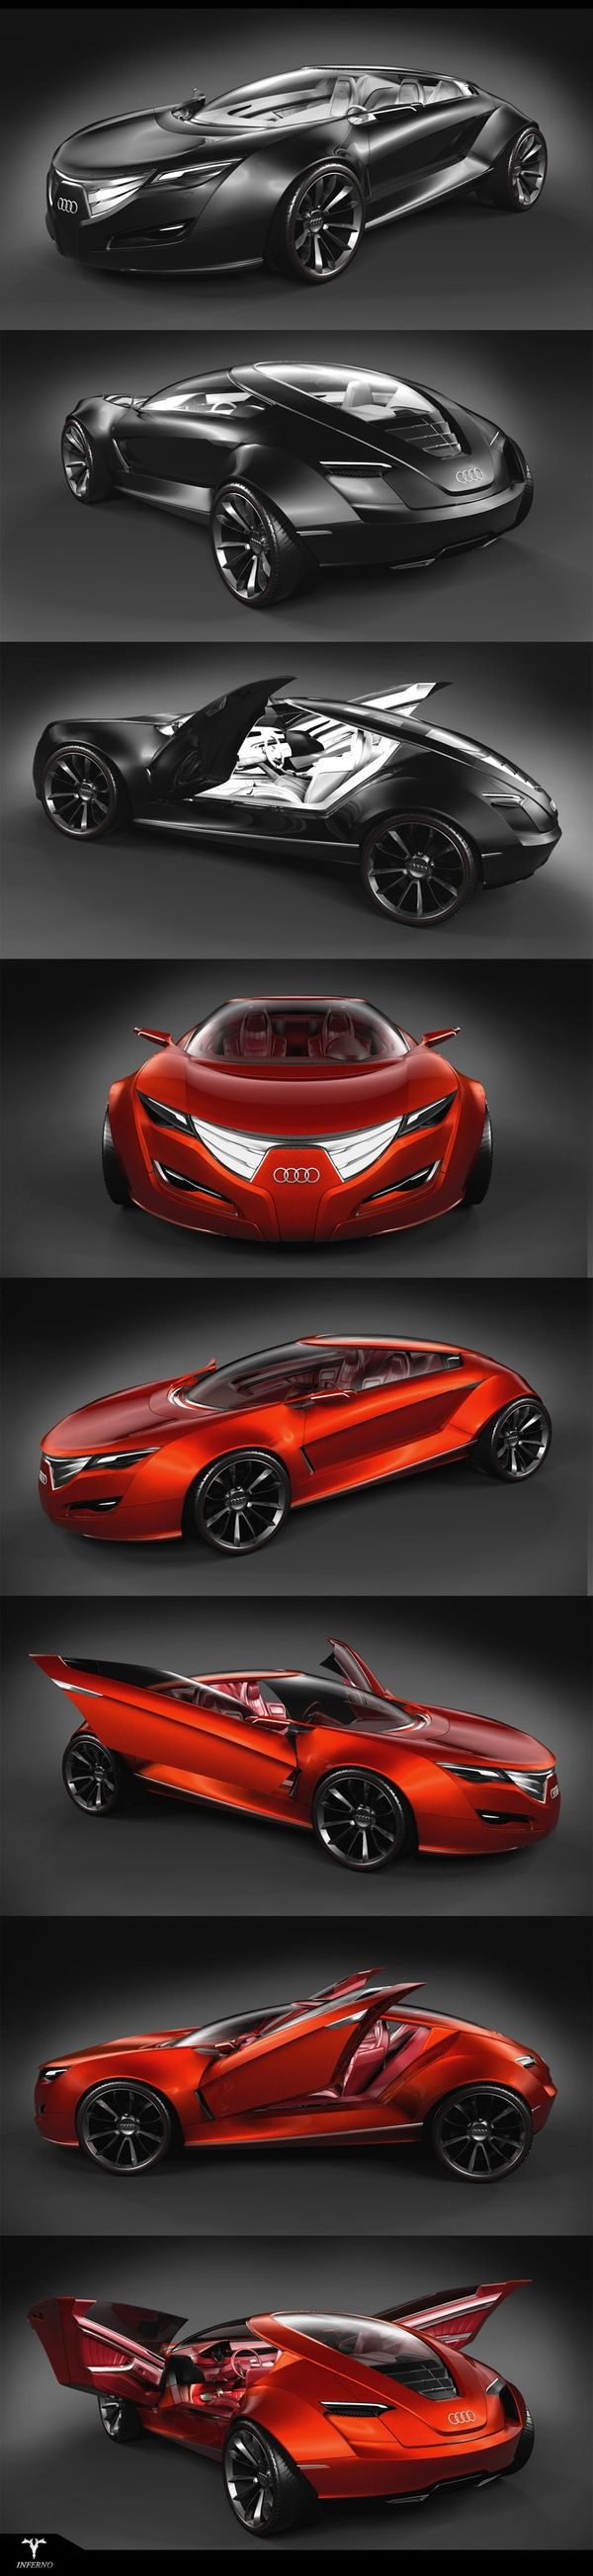 """Audi """"Regard"""" from Inferno by Piotr Czyzewski Concept car.  #ConceptCars Audi"""